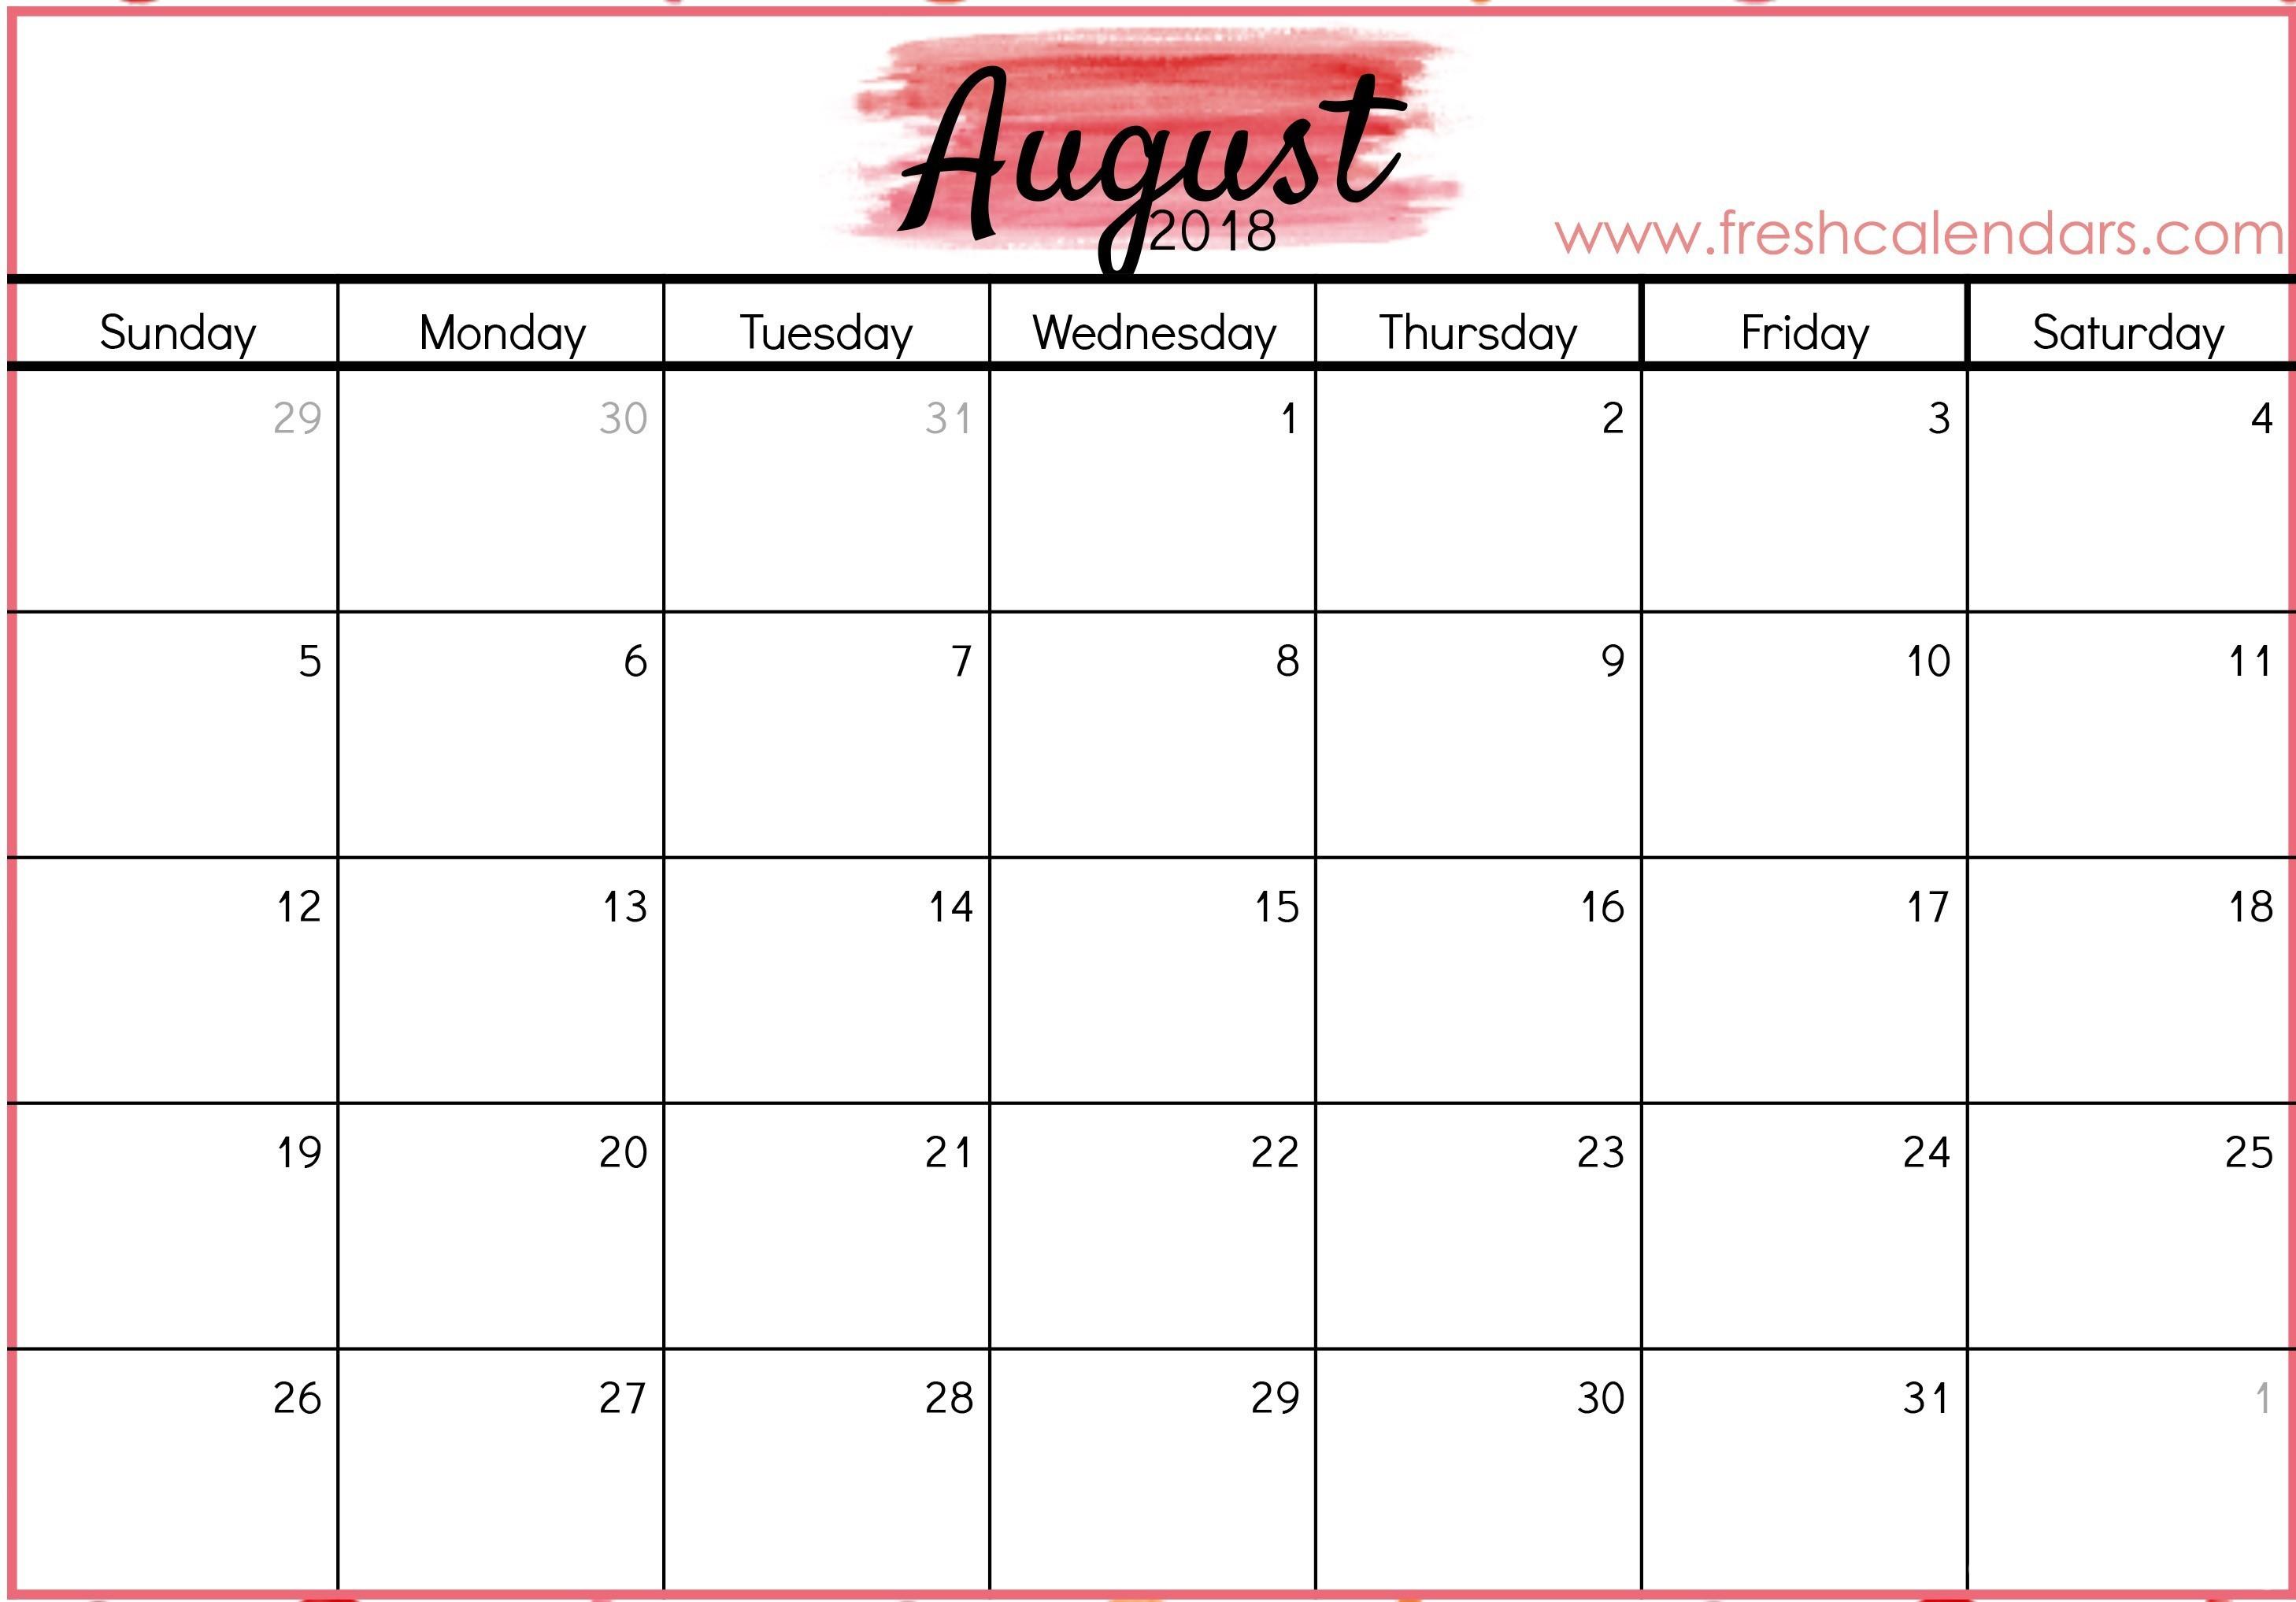 Calendario 2019 Argentina Para Imprimir Pdf Más Actual Es Decir Calendario 2019 Para Imprimir Excel Of Calendario 2019 Argentina Para Imprimir Pdf Actual Calendario 2017